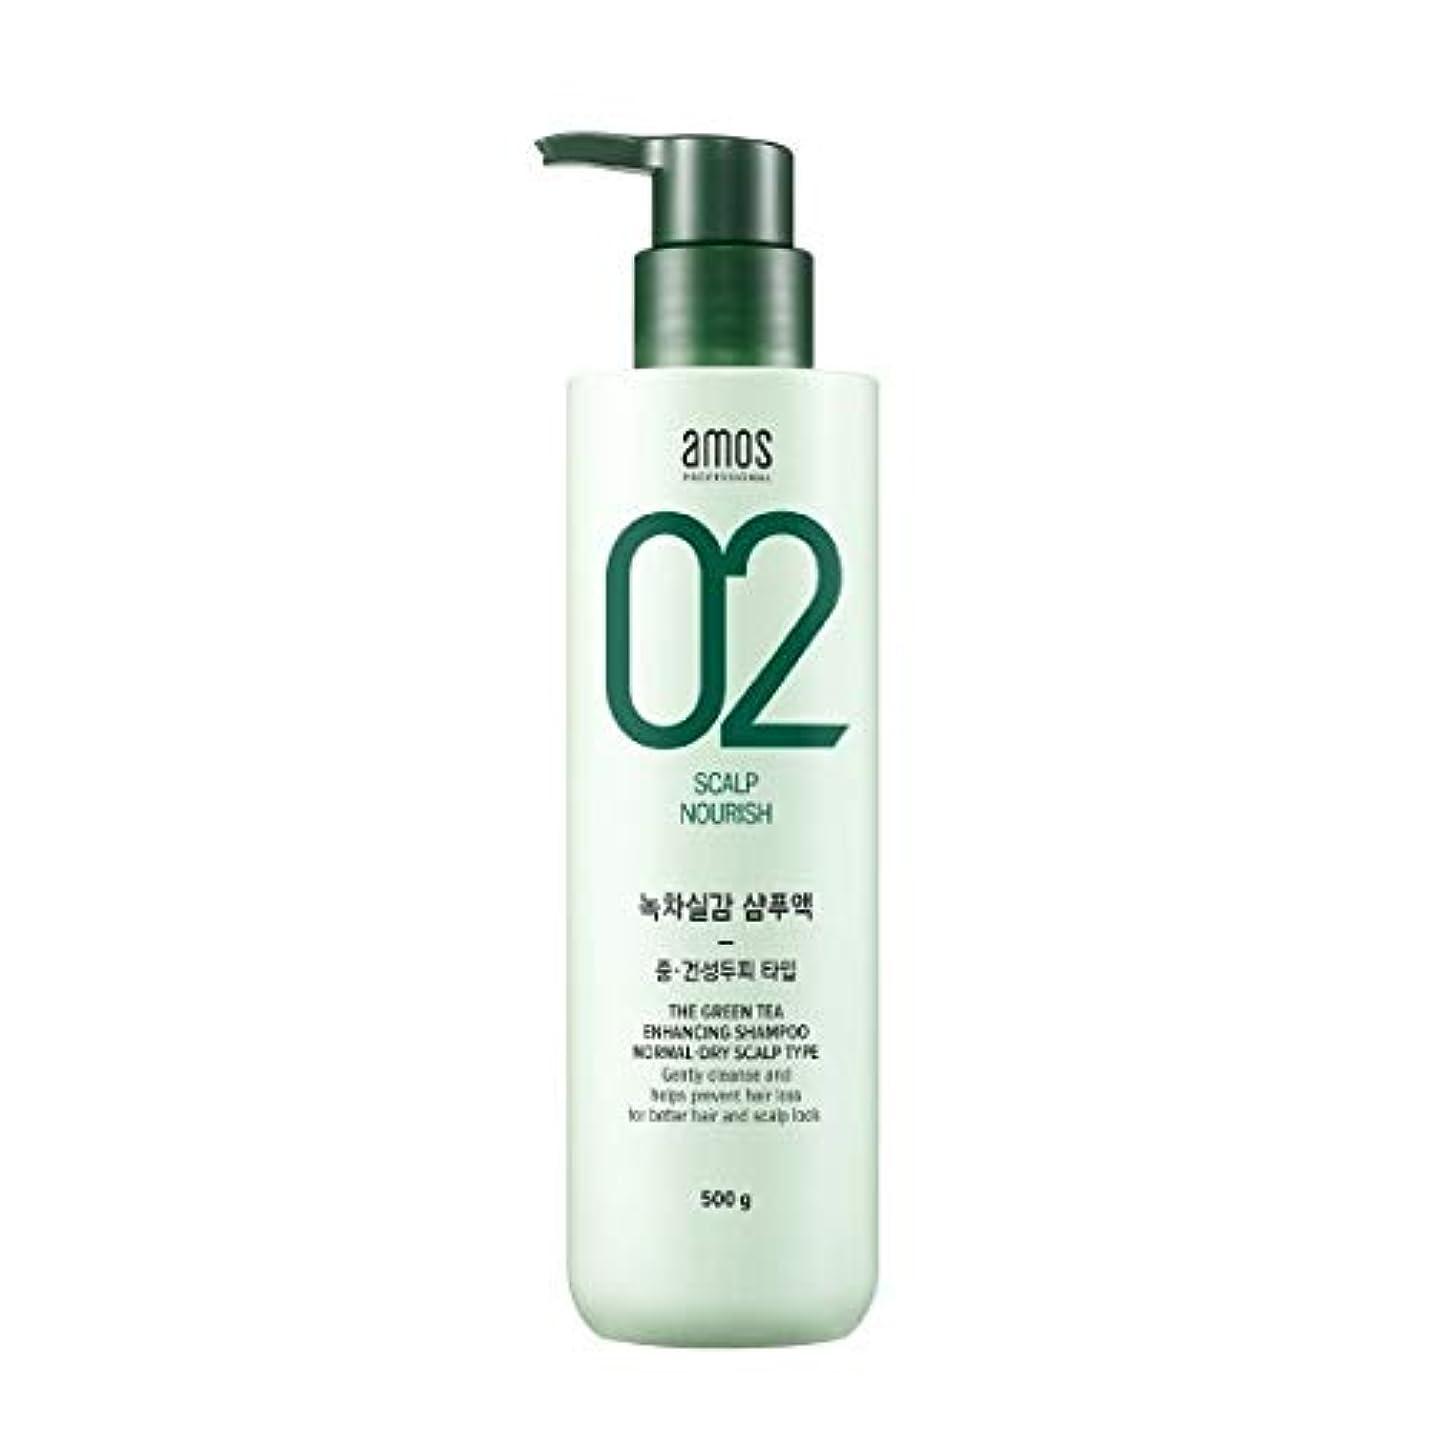 噂国籍ヘアAmos Green Tea Enhancing Shampoo - Normal, Dry 500g / アモス ザ グリーンティー エンハンシング シャンプー # ノーマルドライ スカルプタイプ [並行輸入品]